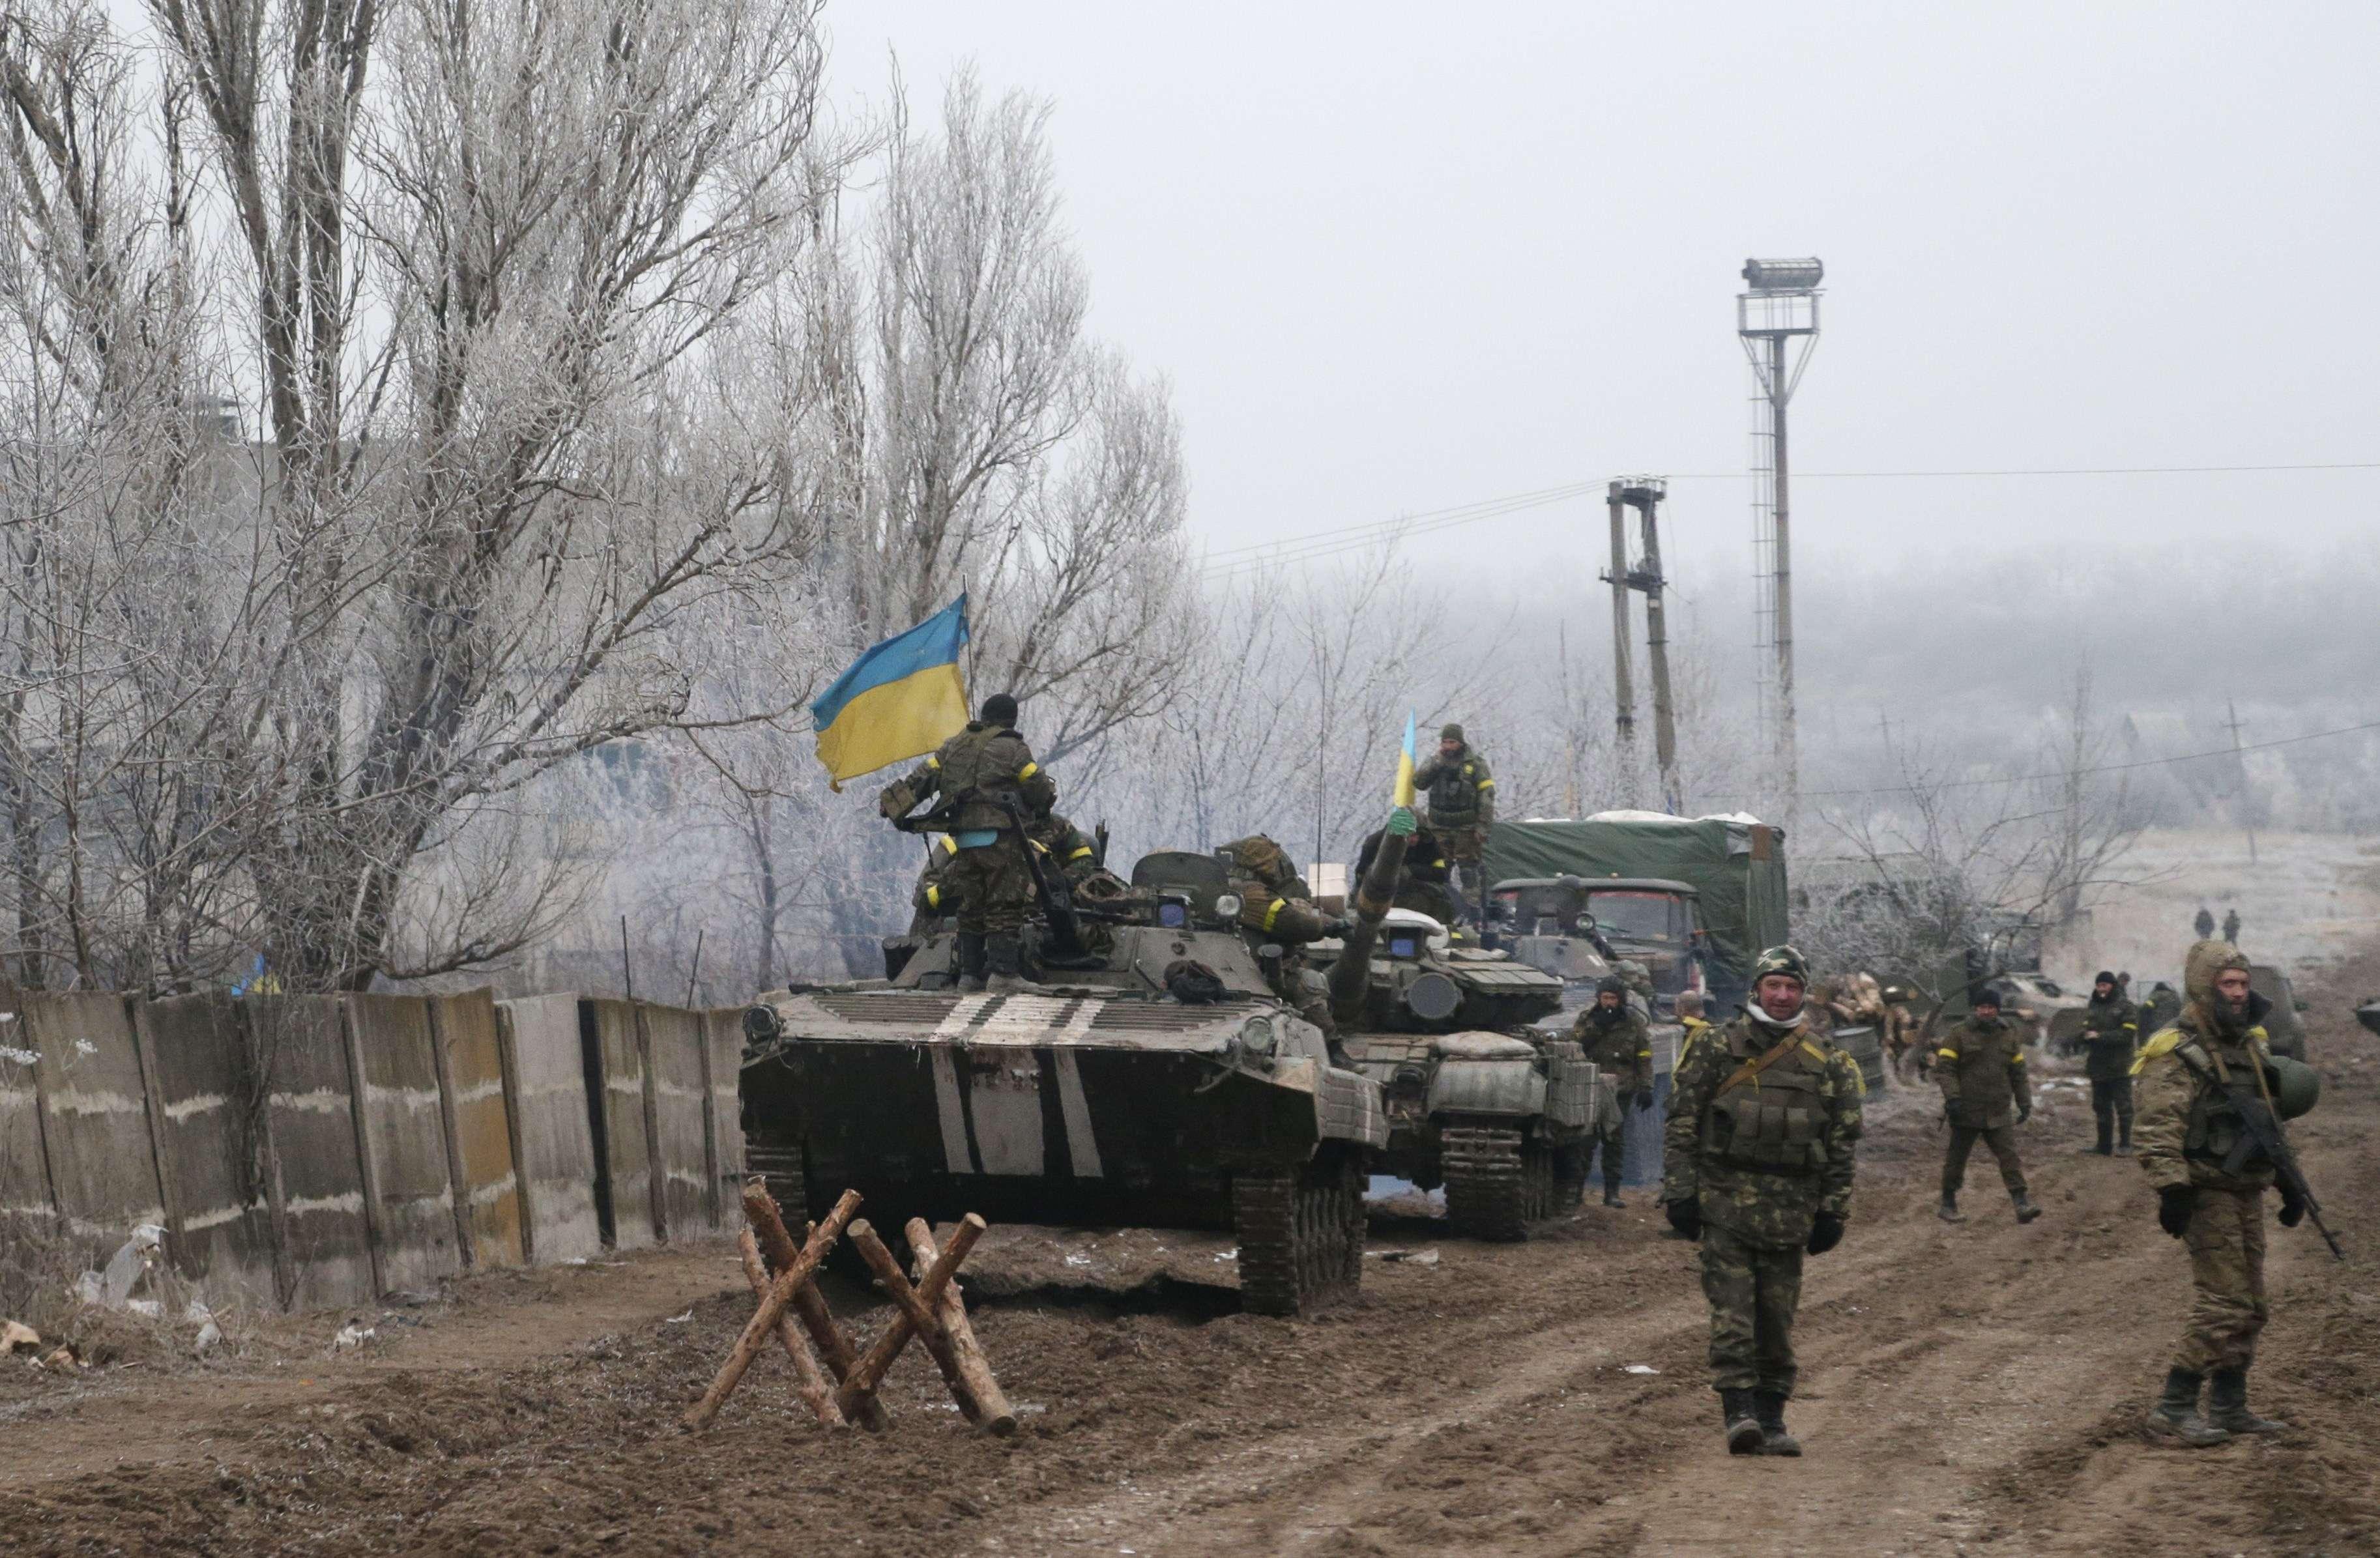 Soldados del gobierno de Ucrania aparcan sus vehículos cerca de la carretera que une las localidades de Dabeltáseve y Artemivsk, en el este del país. Foto: AP en español